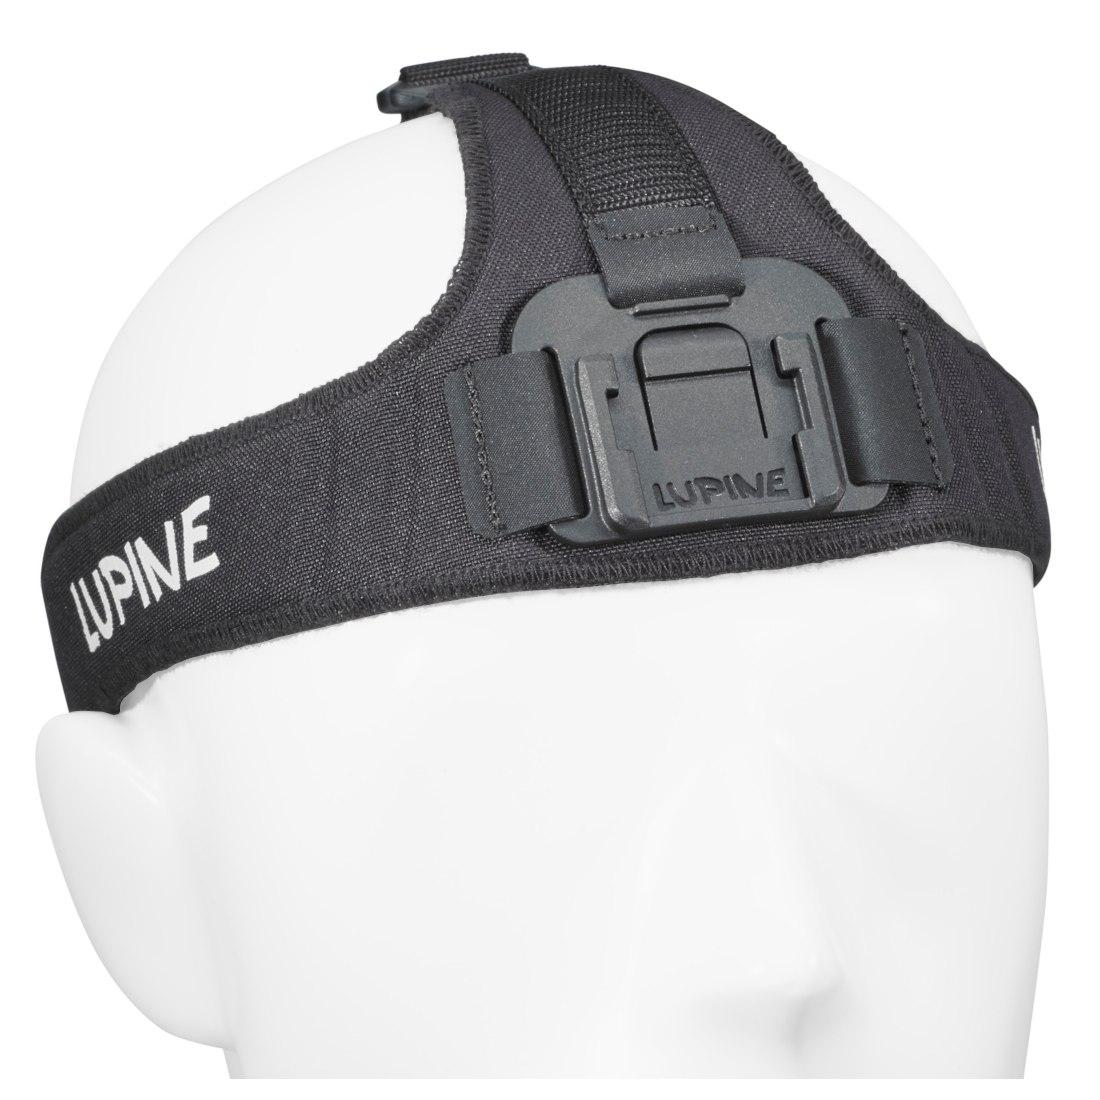 Lupine FrontClick HeavyDuty Headband Neo / Piko / Blika